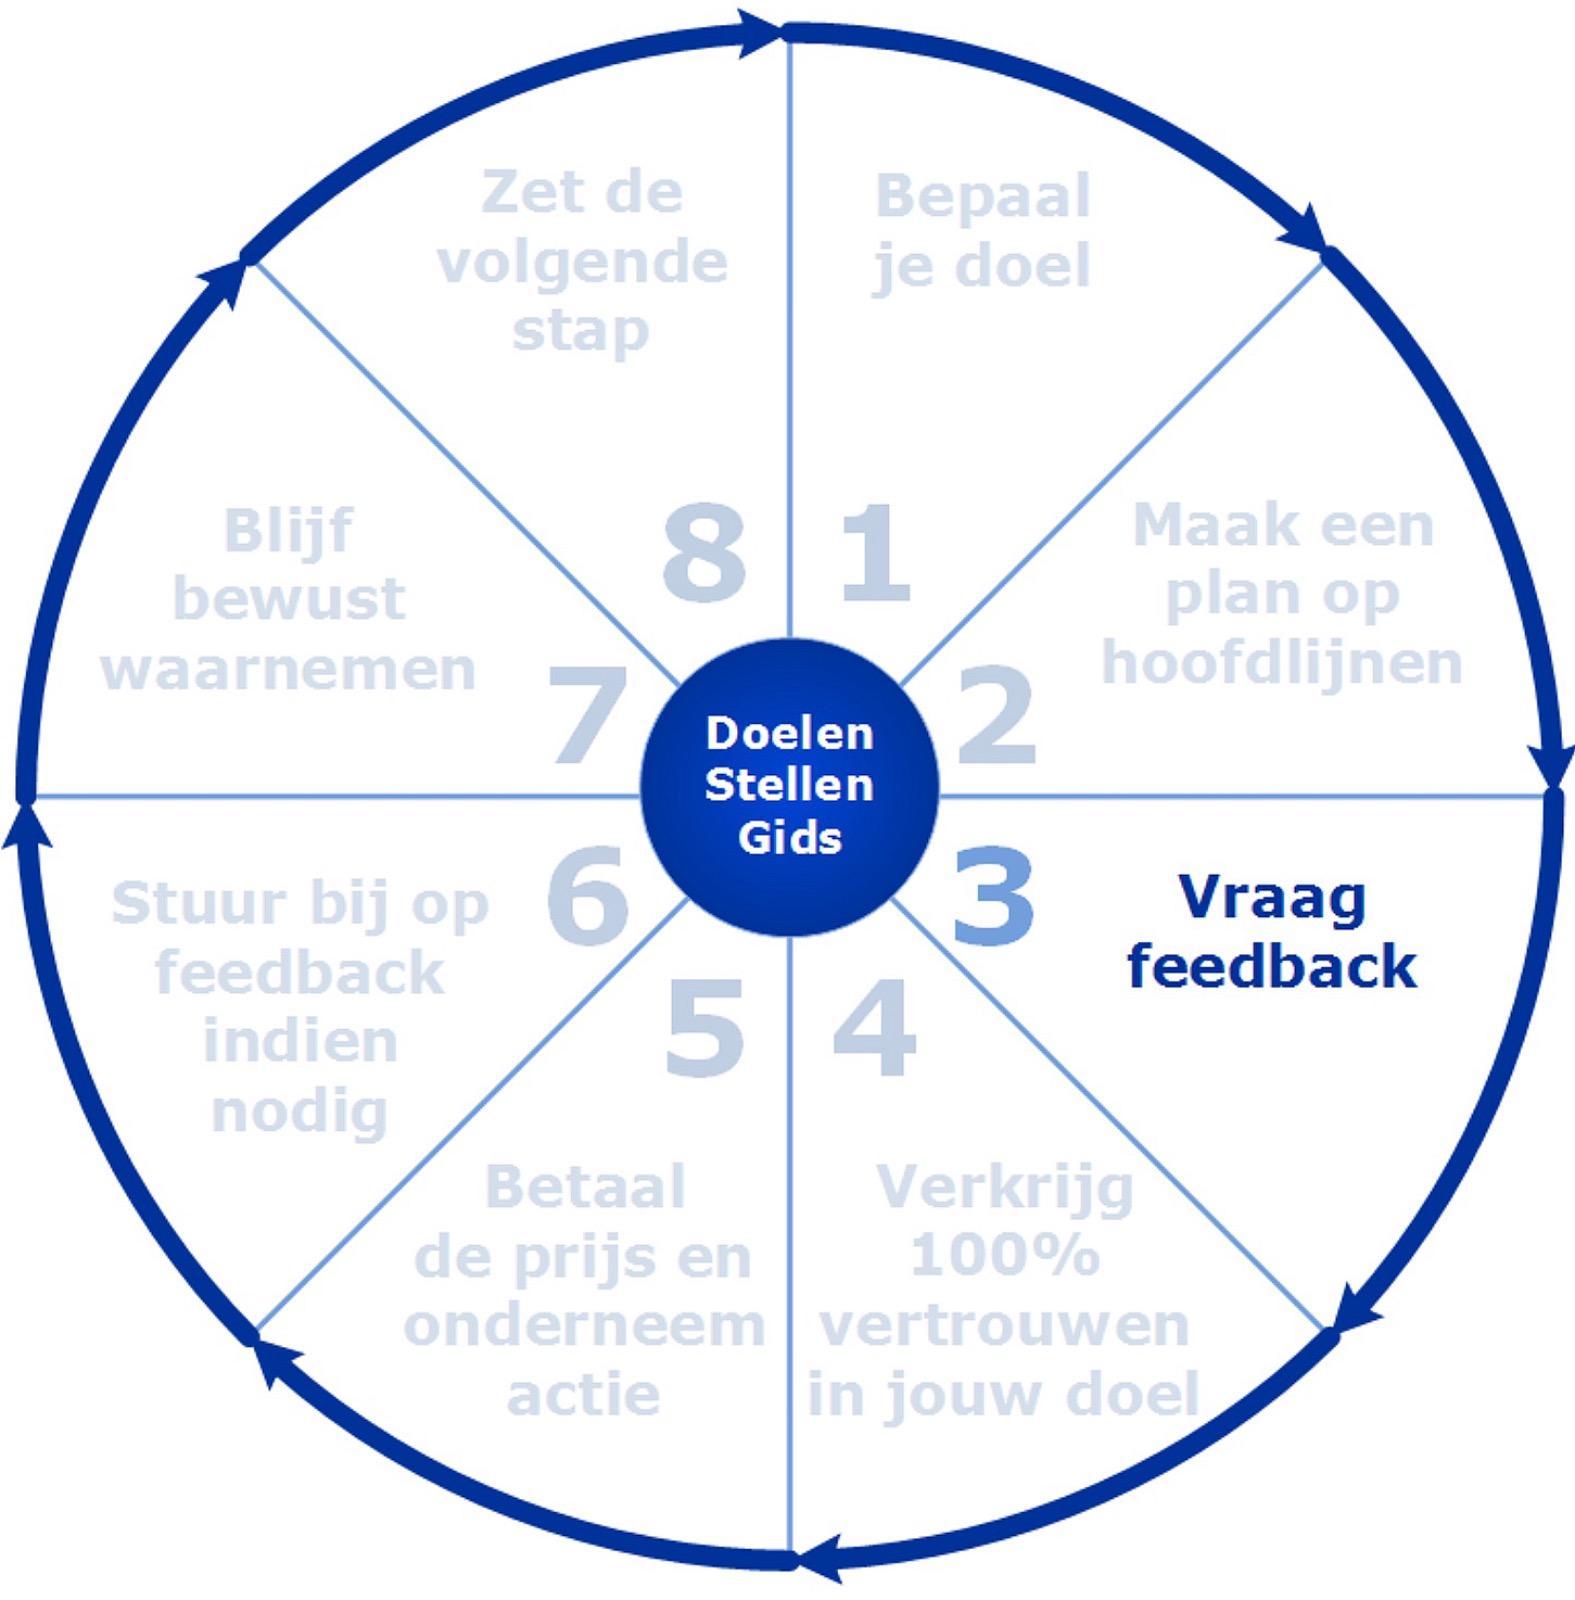 Stap voor stap doelen bereiken stap 3: Vraag feedback